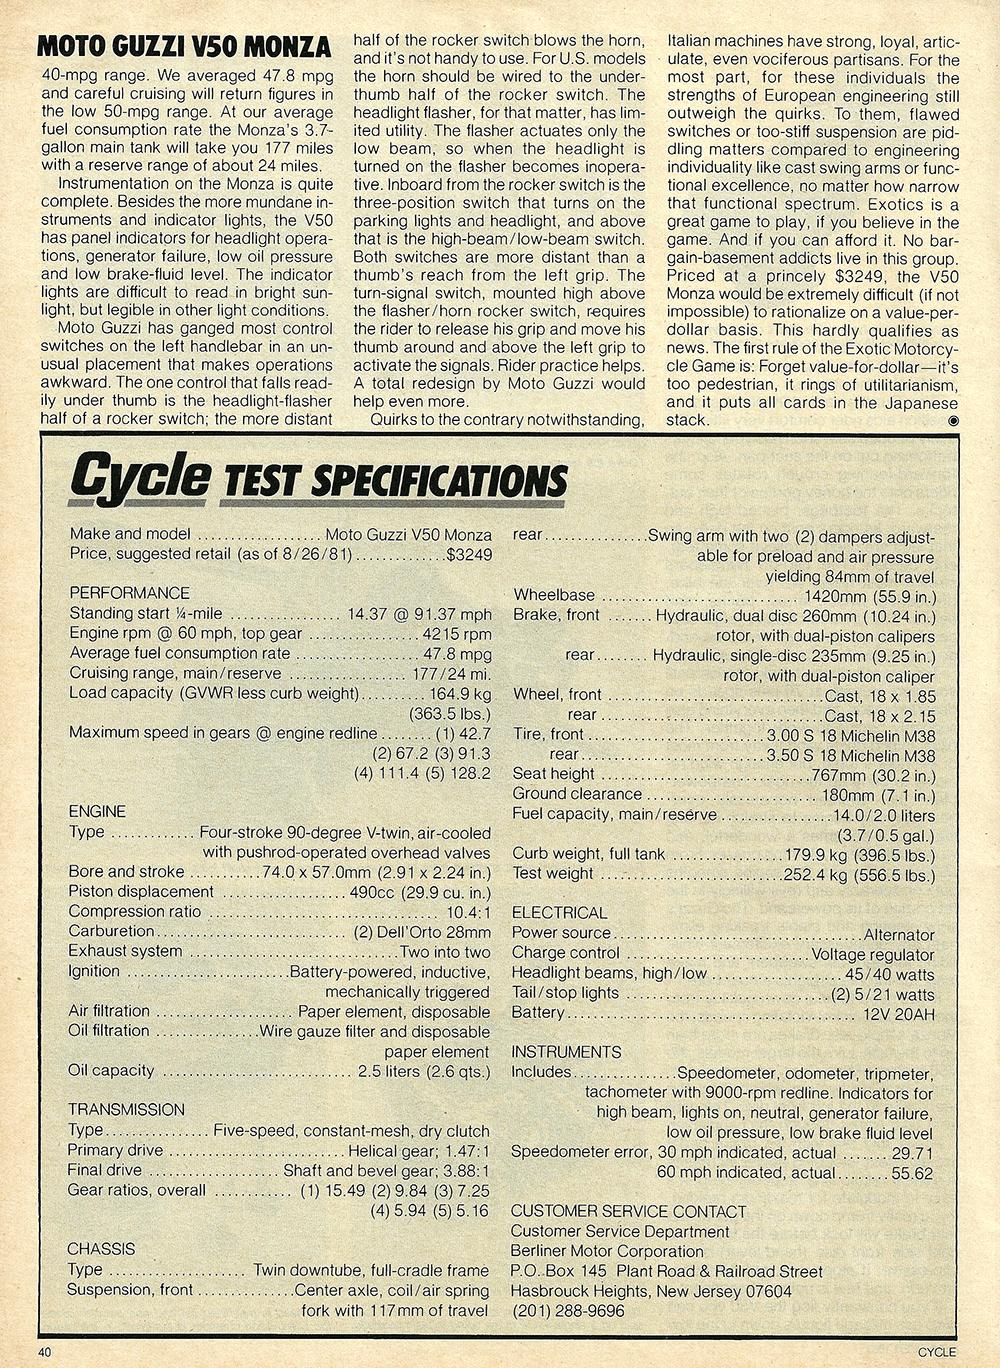 1981 Moto Guzzi V50 Monza road test 09.jpg